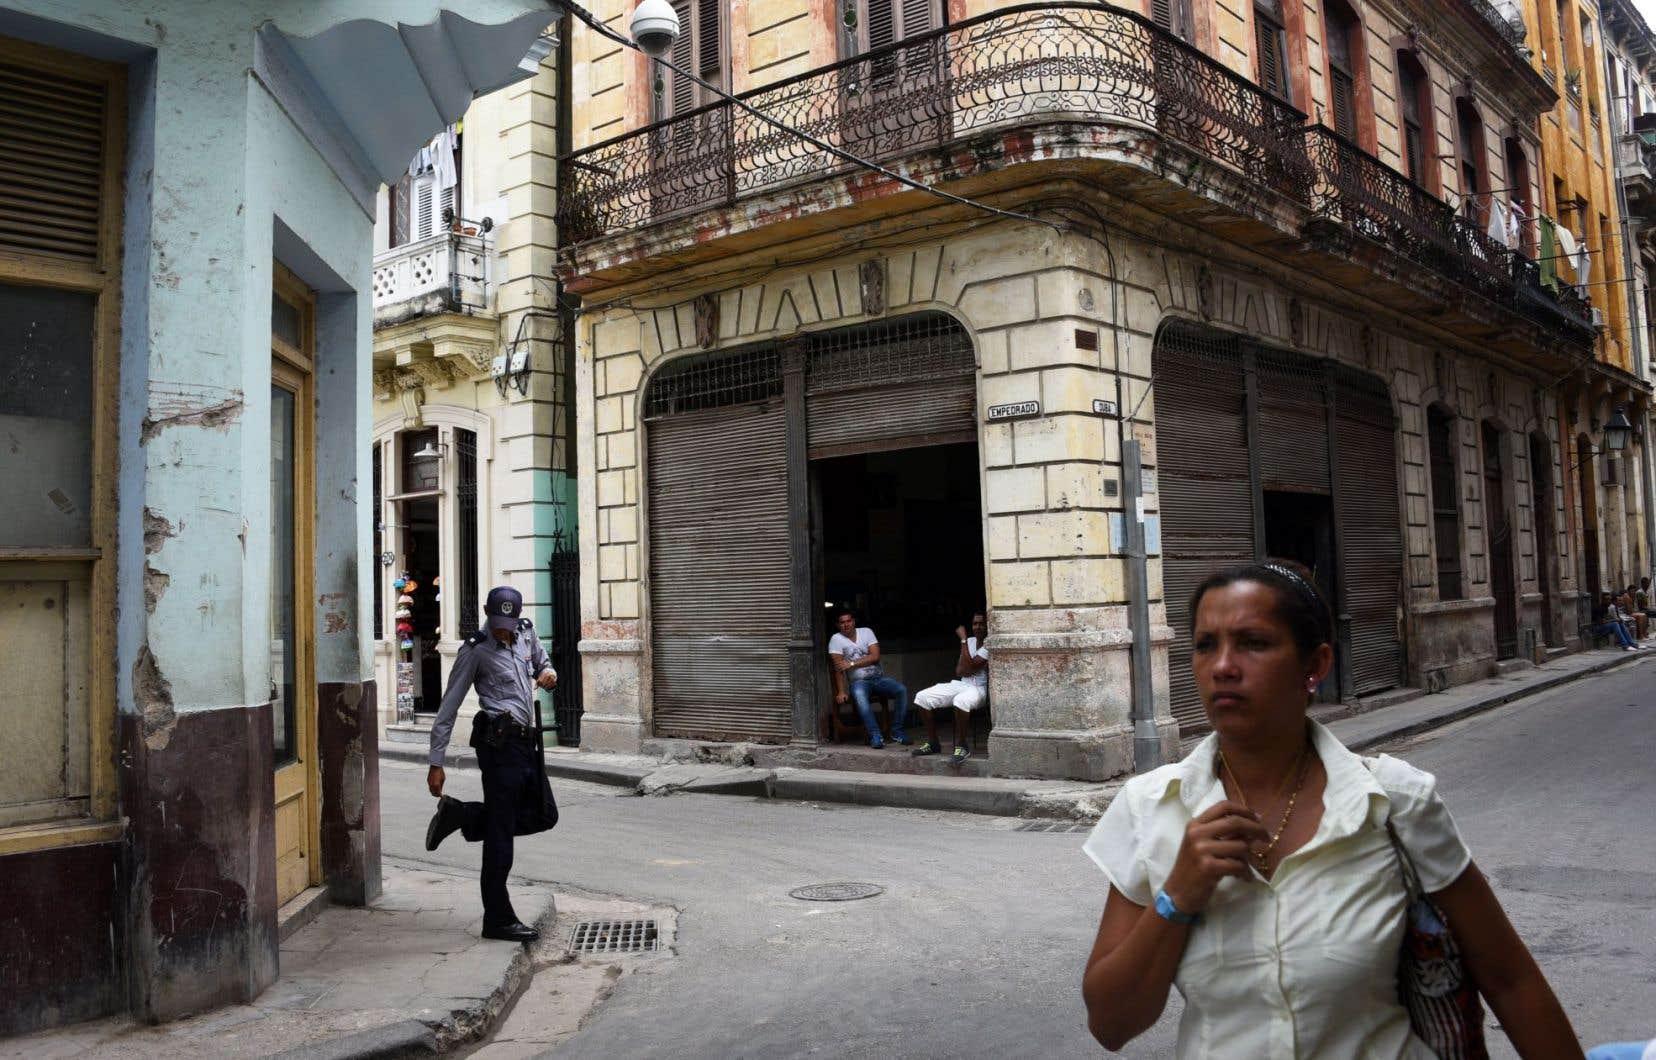 Les autorités cubaines ont désormais moins recours aux lourdes condamnations, leur préférant les détentions de moins de 48heures.